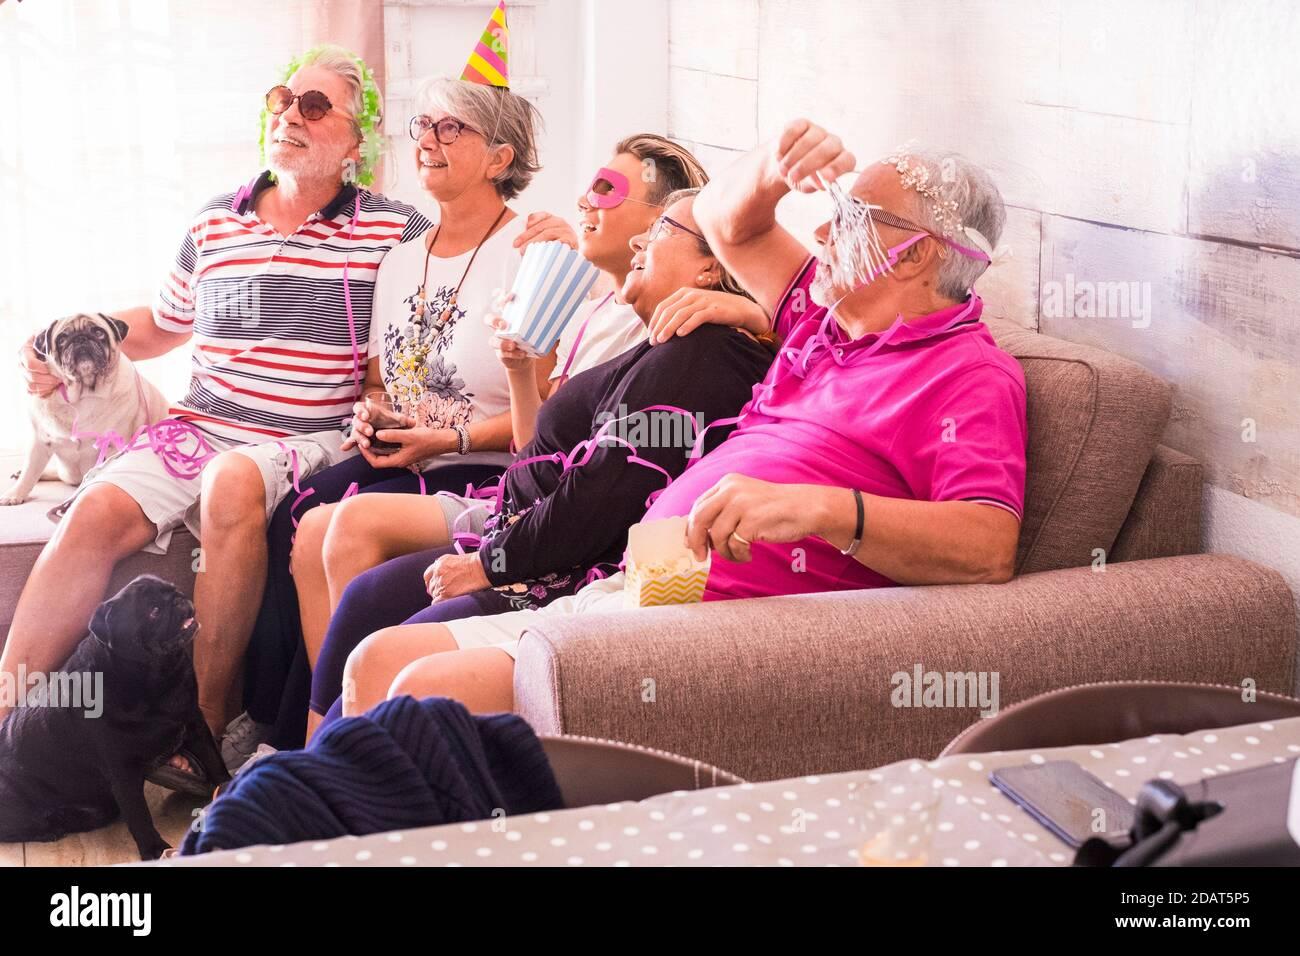 Groupe familial d'âges mixtes les générations célèbrent ensemble à la maison avec bonheur - jeunes et vieux s'amuser - petit-fils adolescent avec petit-père Banque D'Images